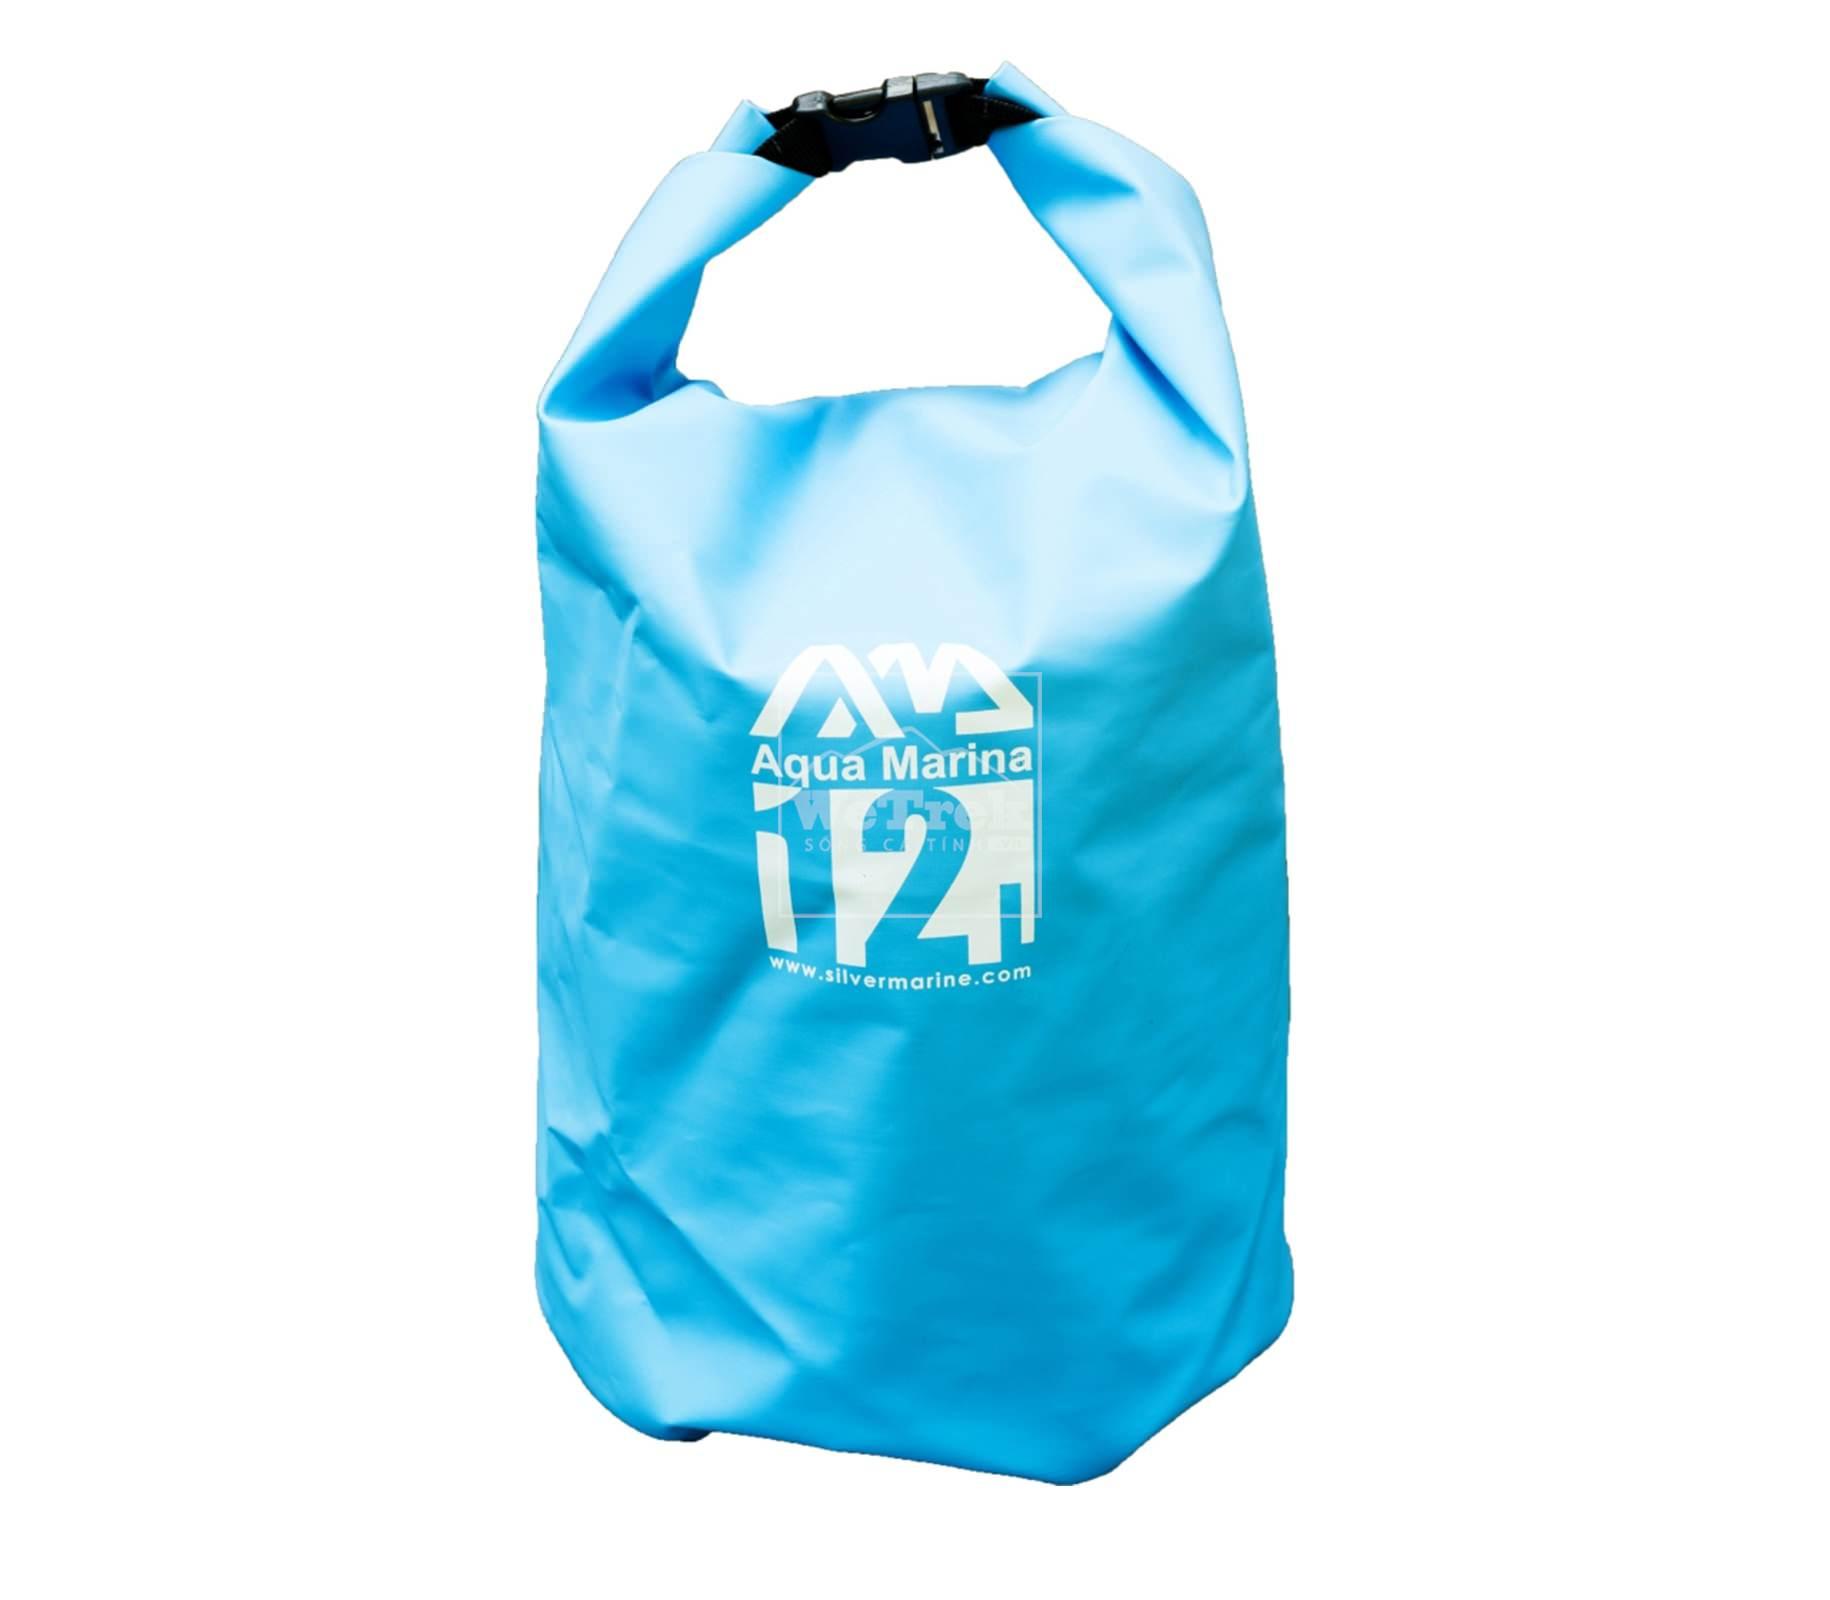 tui-kho-aqua-marina-super-easy-dry-bag-12l-wetrek.vn-2